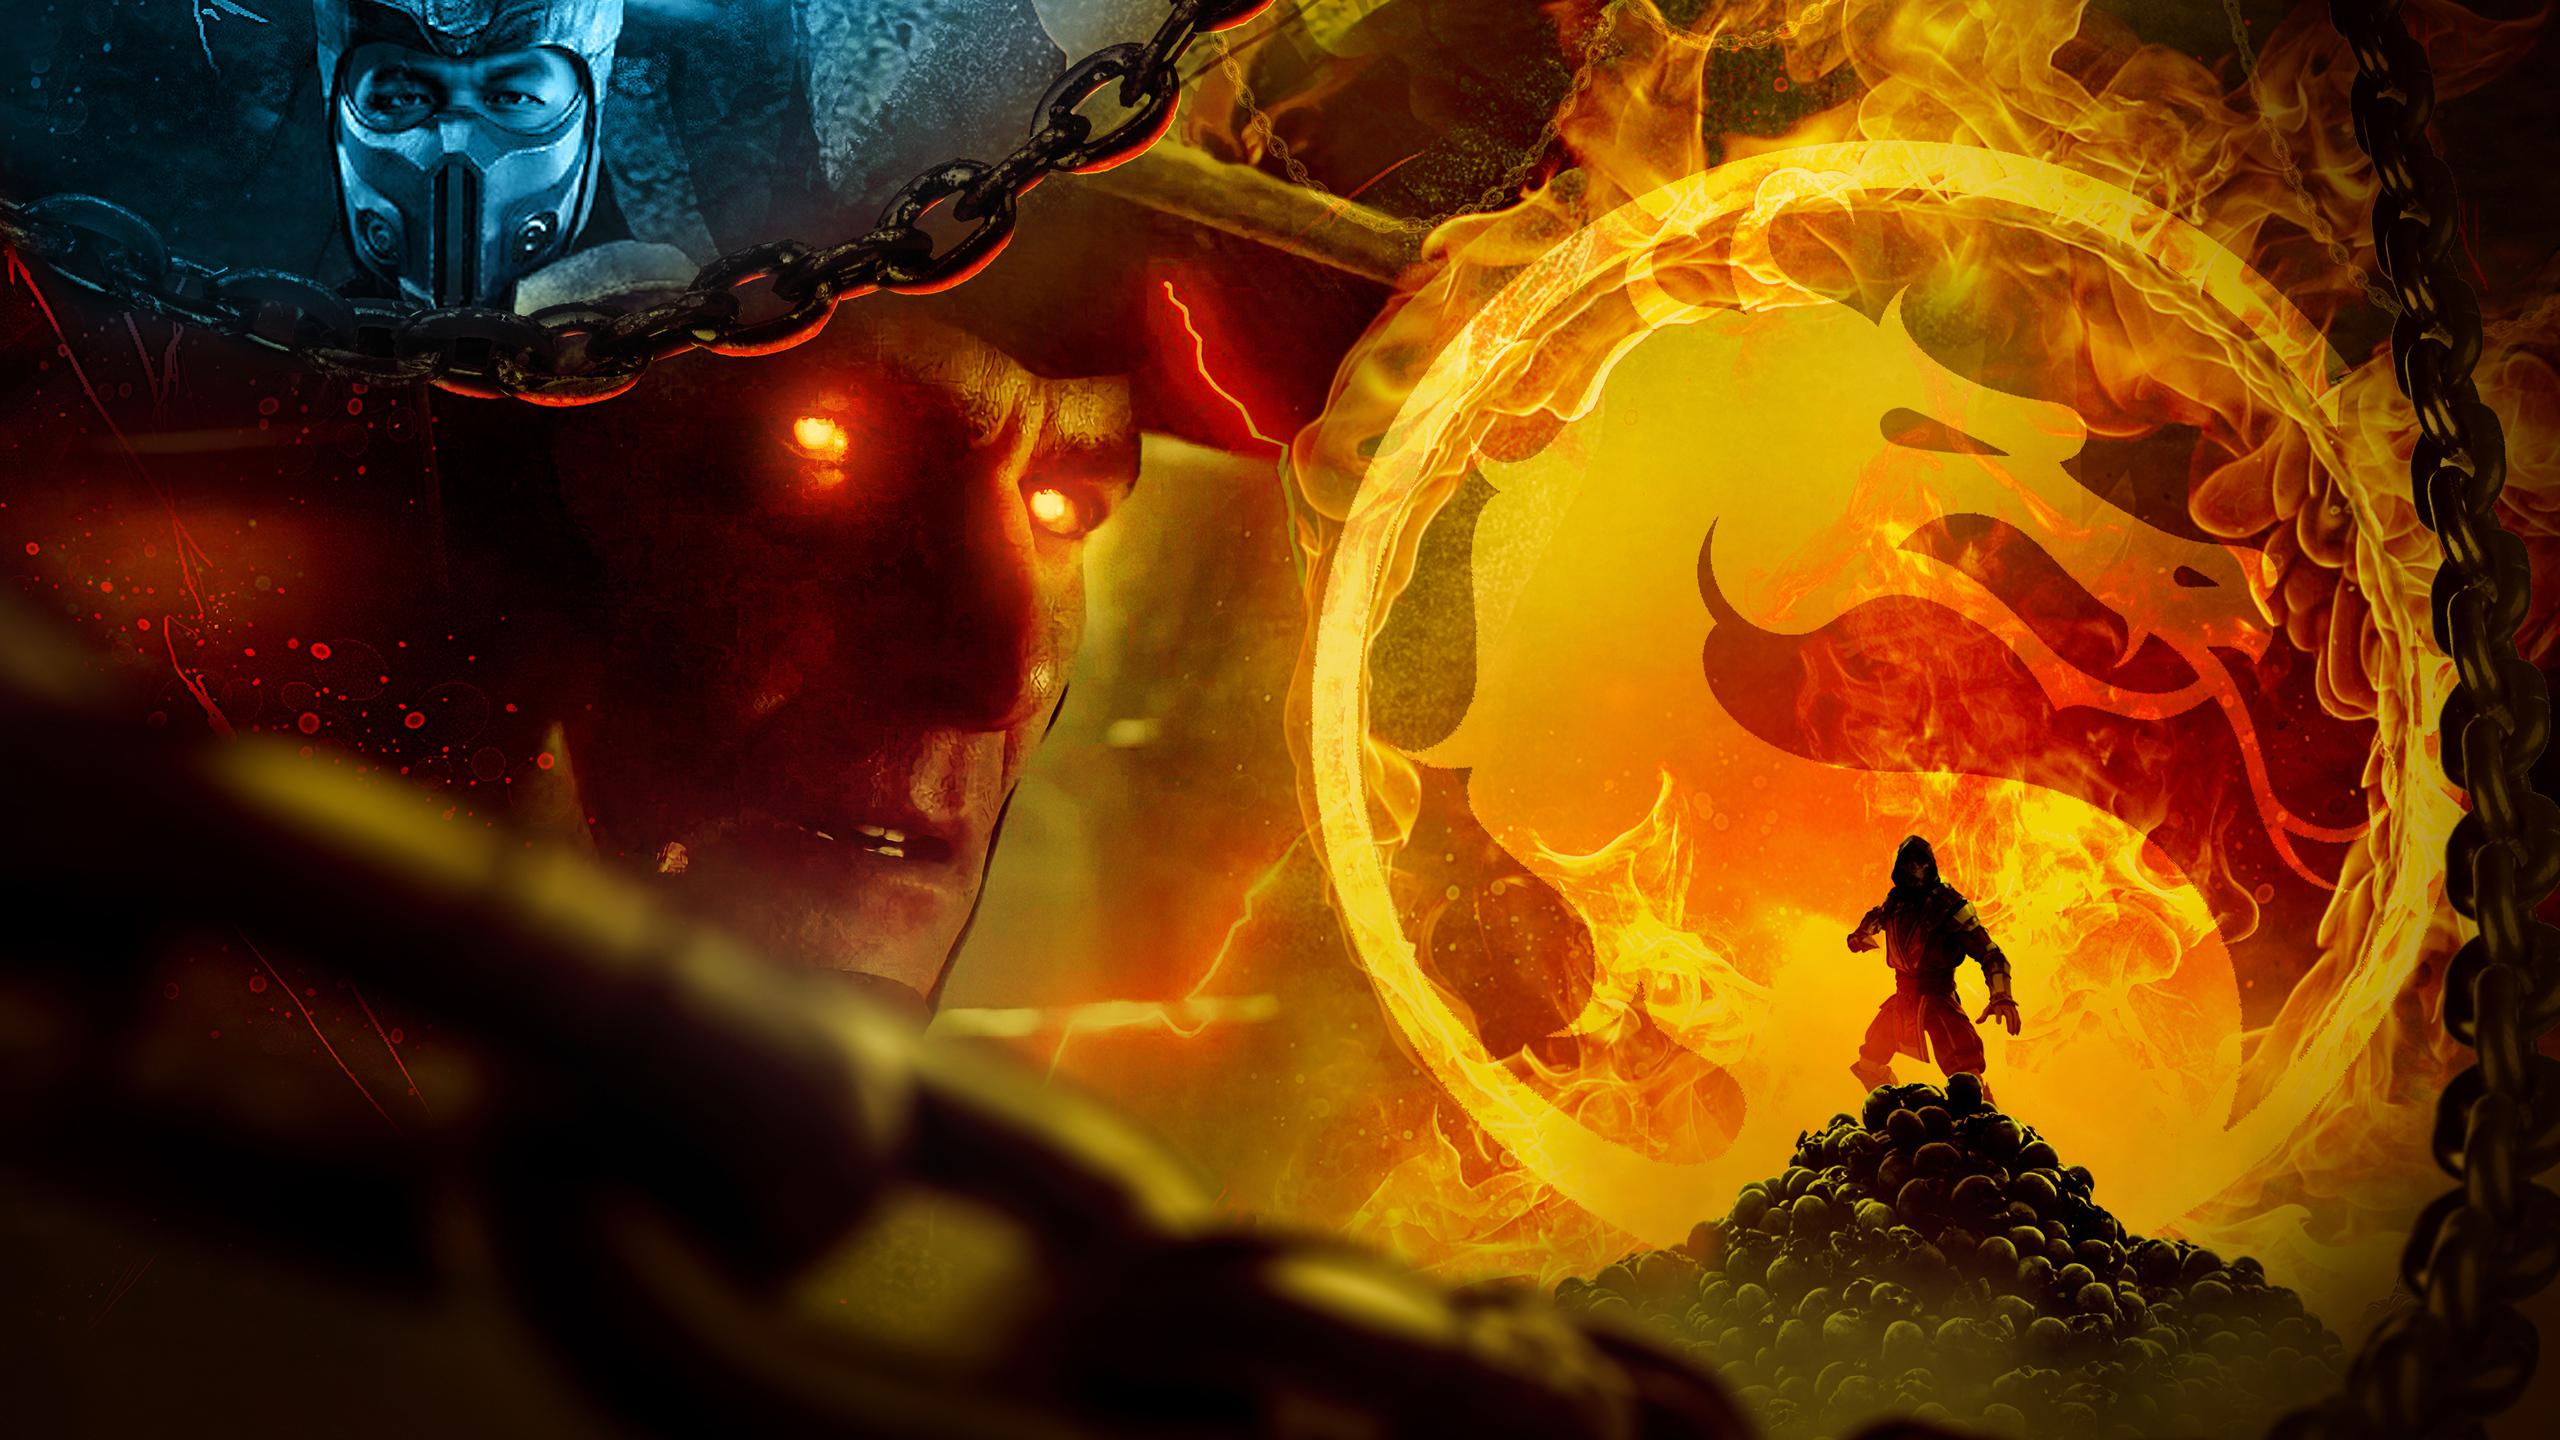 2560x1440 Mortal Kombat 11 Art 4k 1440p Resolution Hd 4k